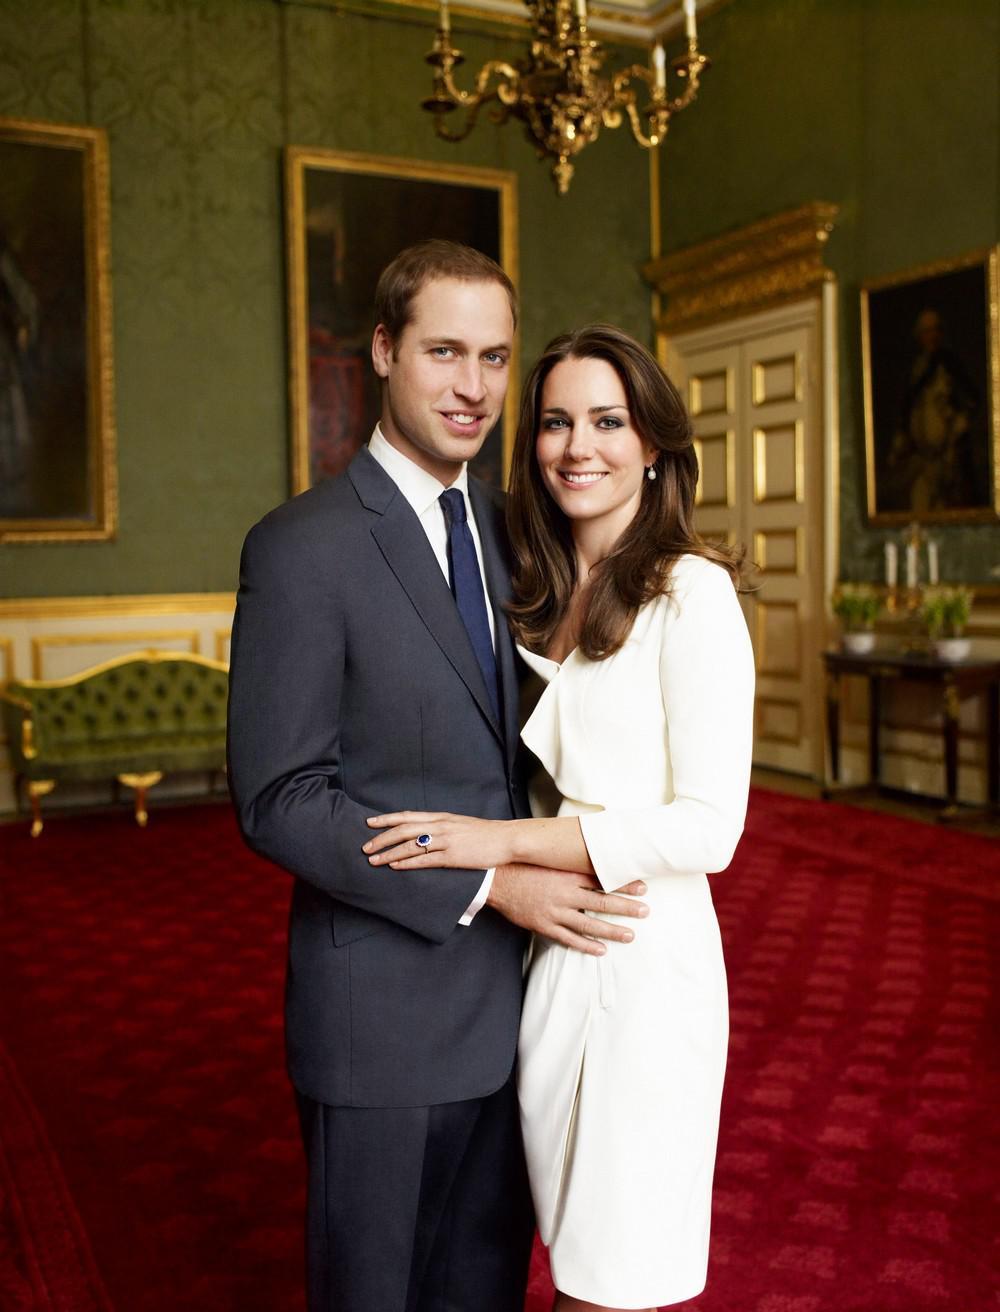 Oficiální fotografie prince Williama a Kate Middletonové